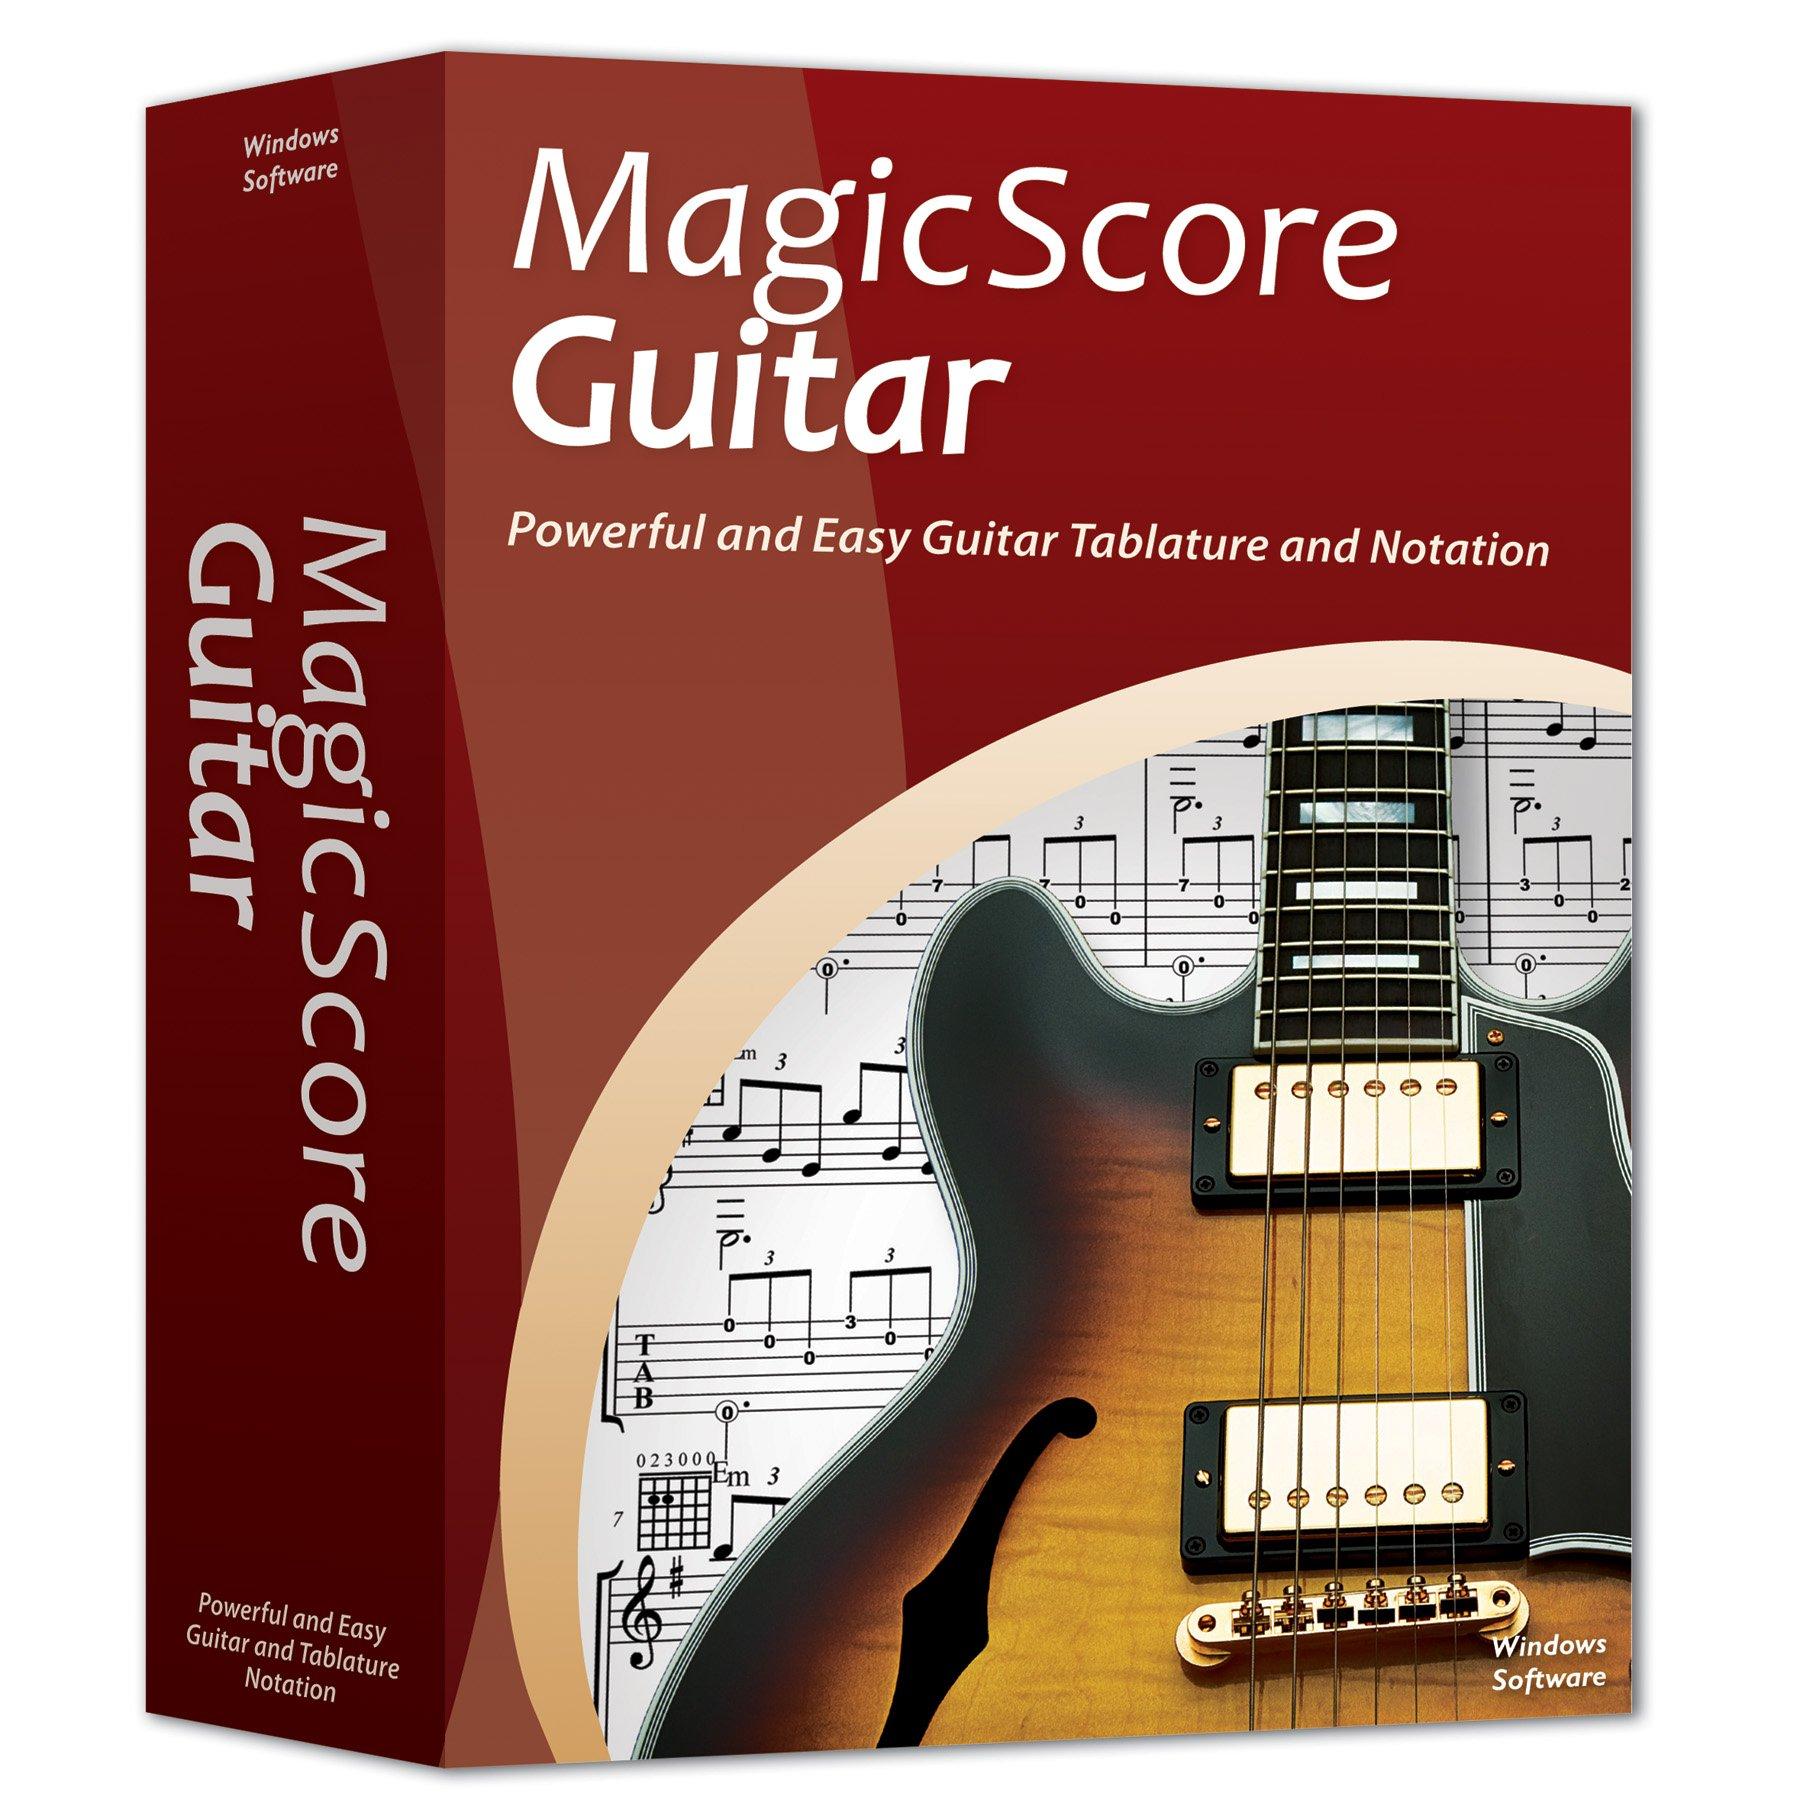 MagicScore Guitar by MagicScore